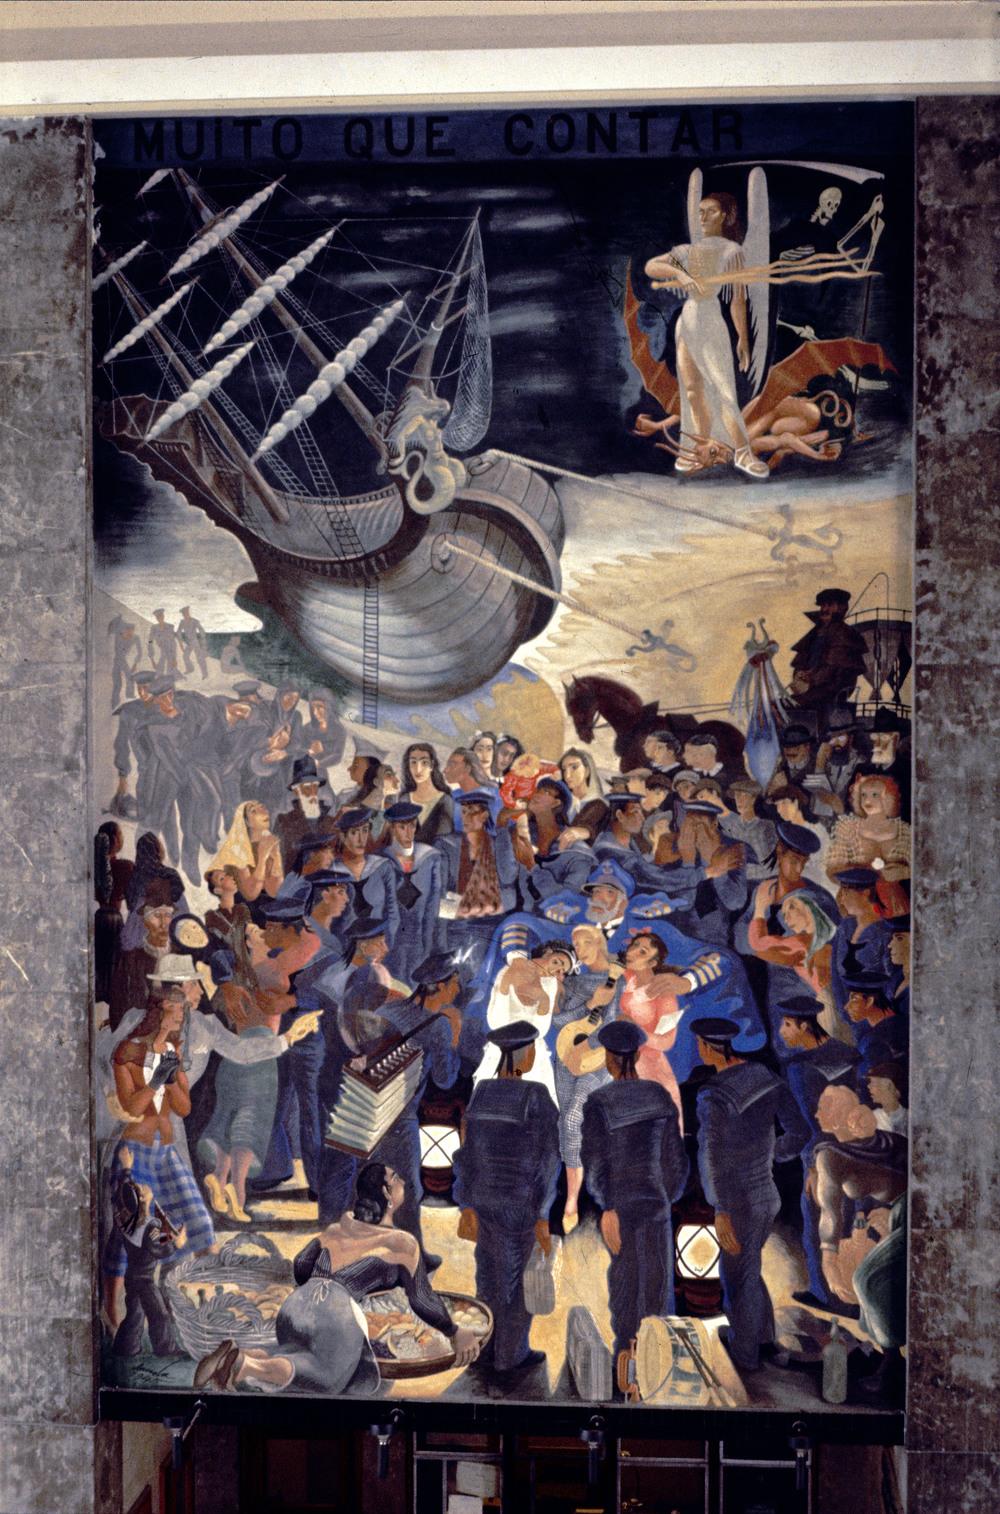 """""""Lá vem a nau  Catrineta  que traz muito que contar"""" (""""Here comes the ship  Catrineta  that brings much to tell"""") Artist: José de Almada Negreiros   Photo: Mário Novais, ca. 1943-1945, Lisbon  [CFT003_098030]"""